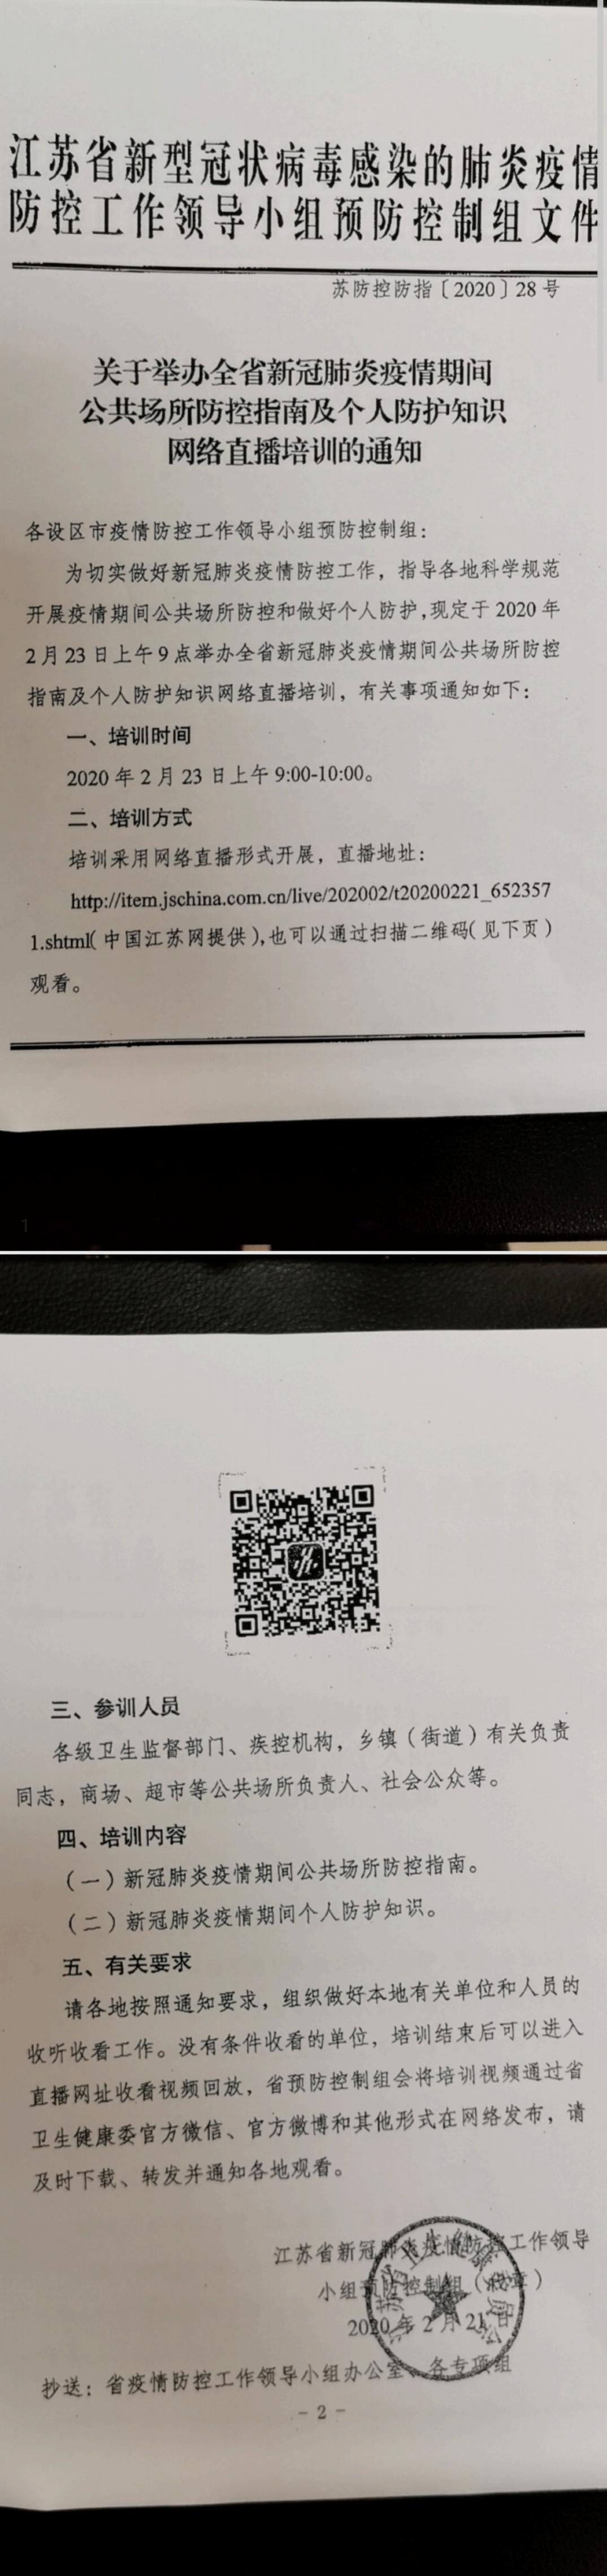 微信图片_20200224104256.jpg